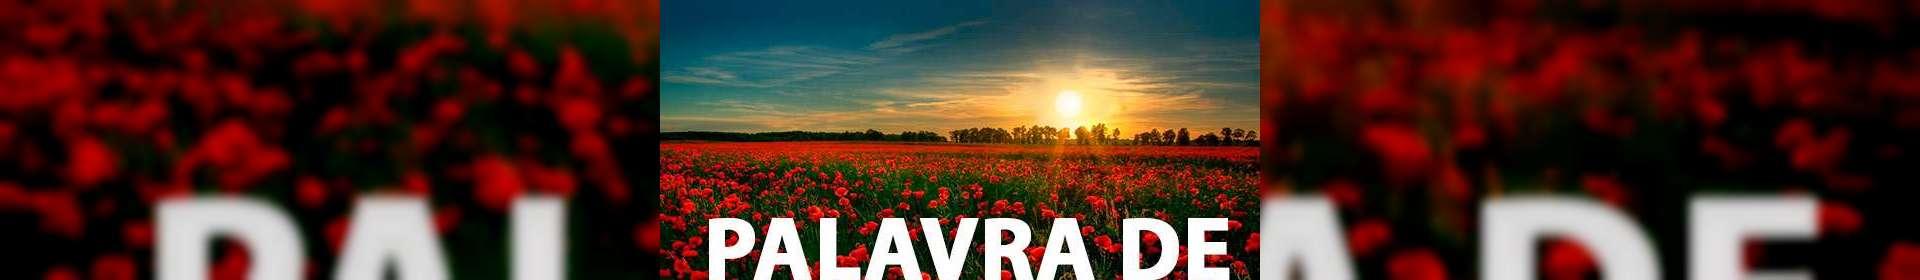 Isaías 6:1 - Uma Palavra de Esperança para sua vida